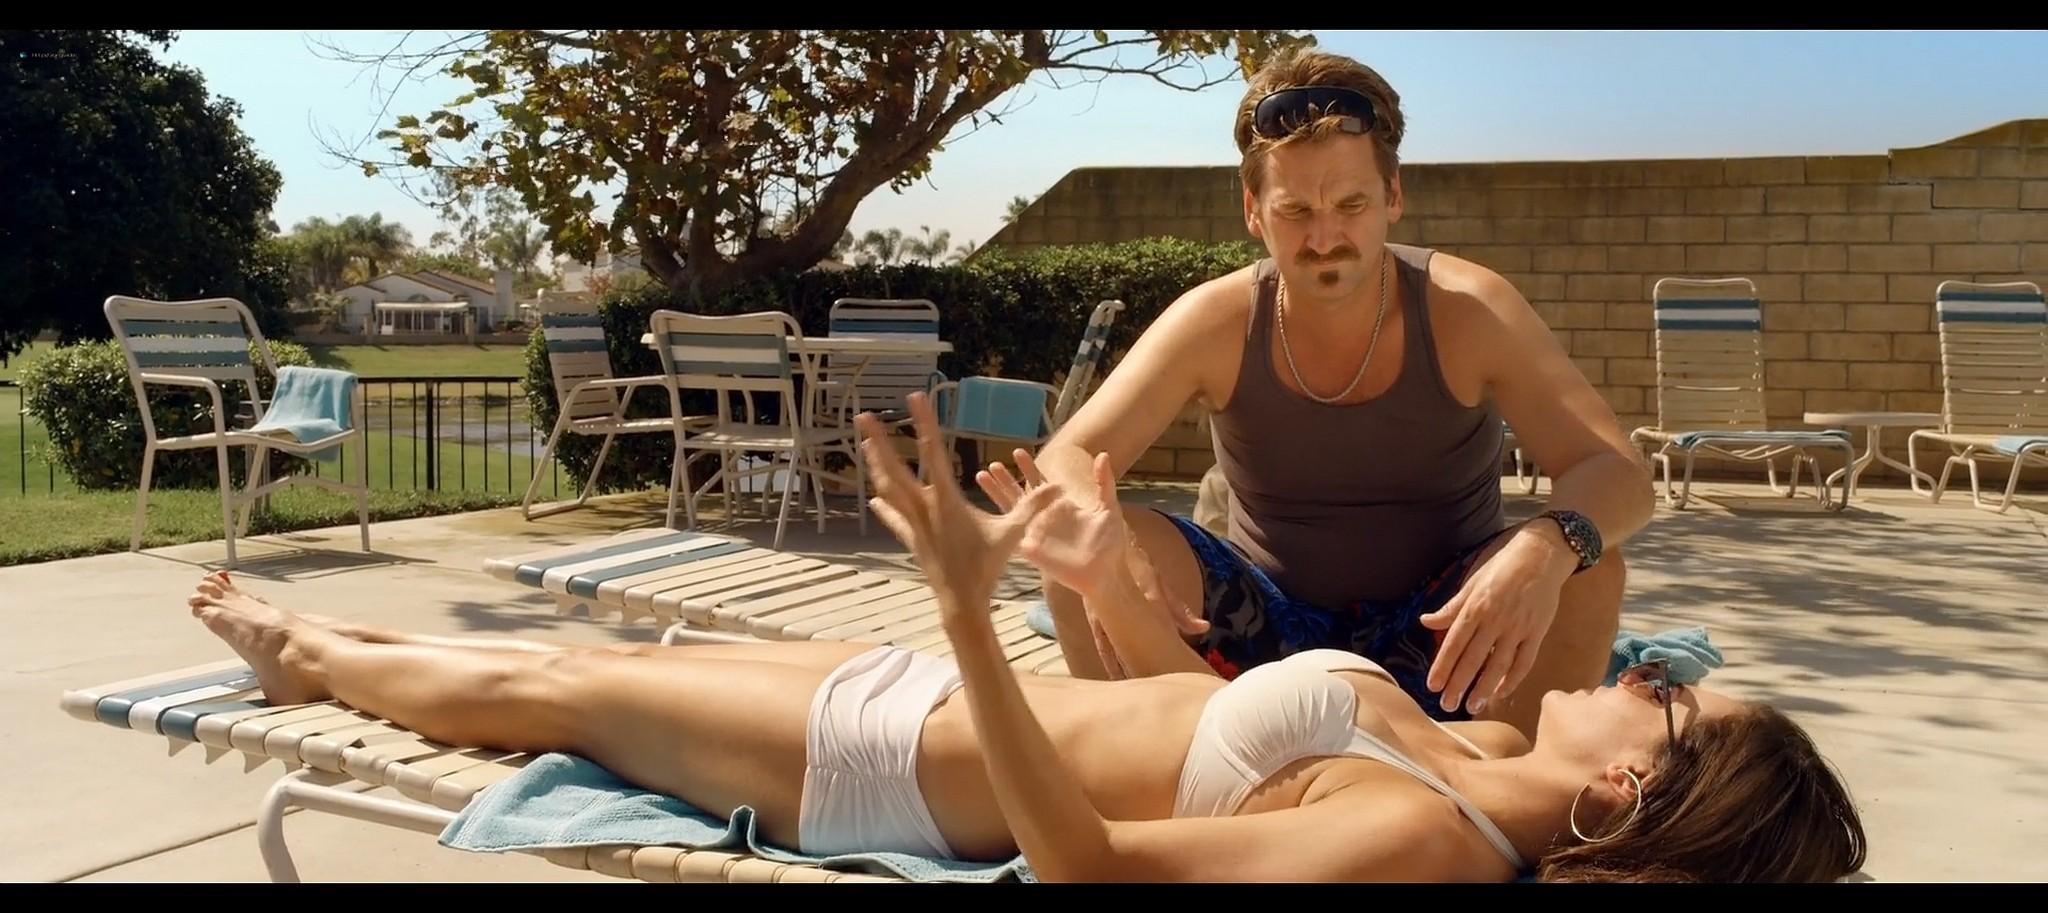 Briana Lane hot bikini and Brea Grant hot Oliver stoned 2014 HD 1080p BluRay 11